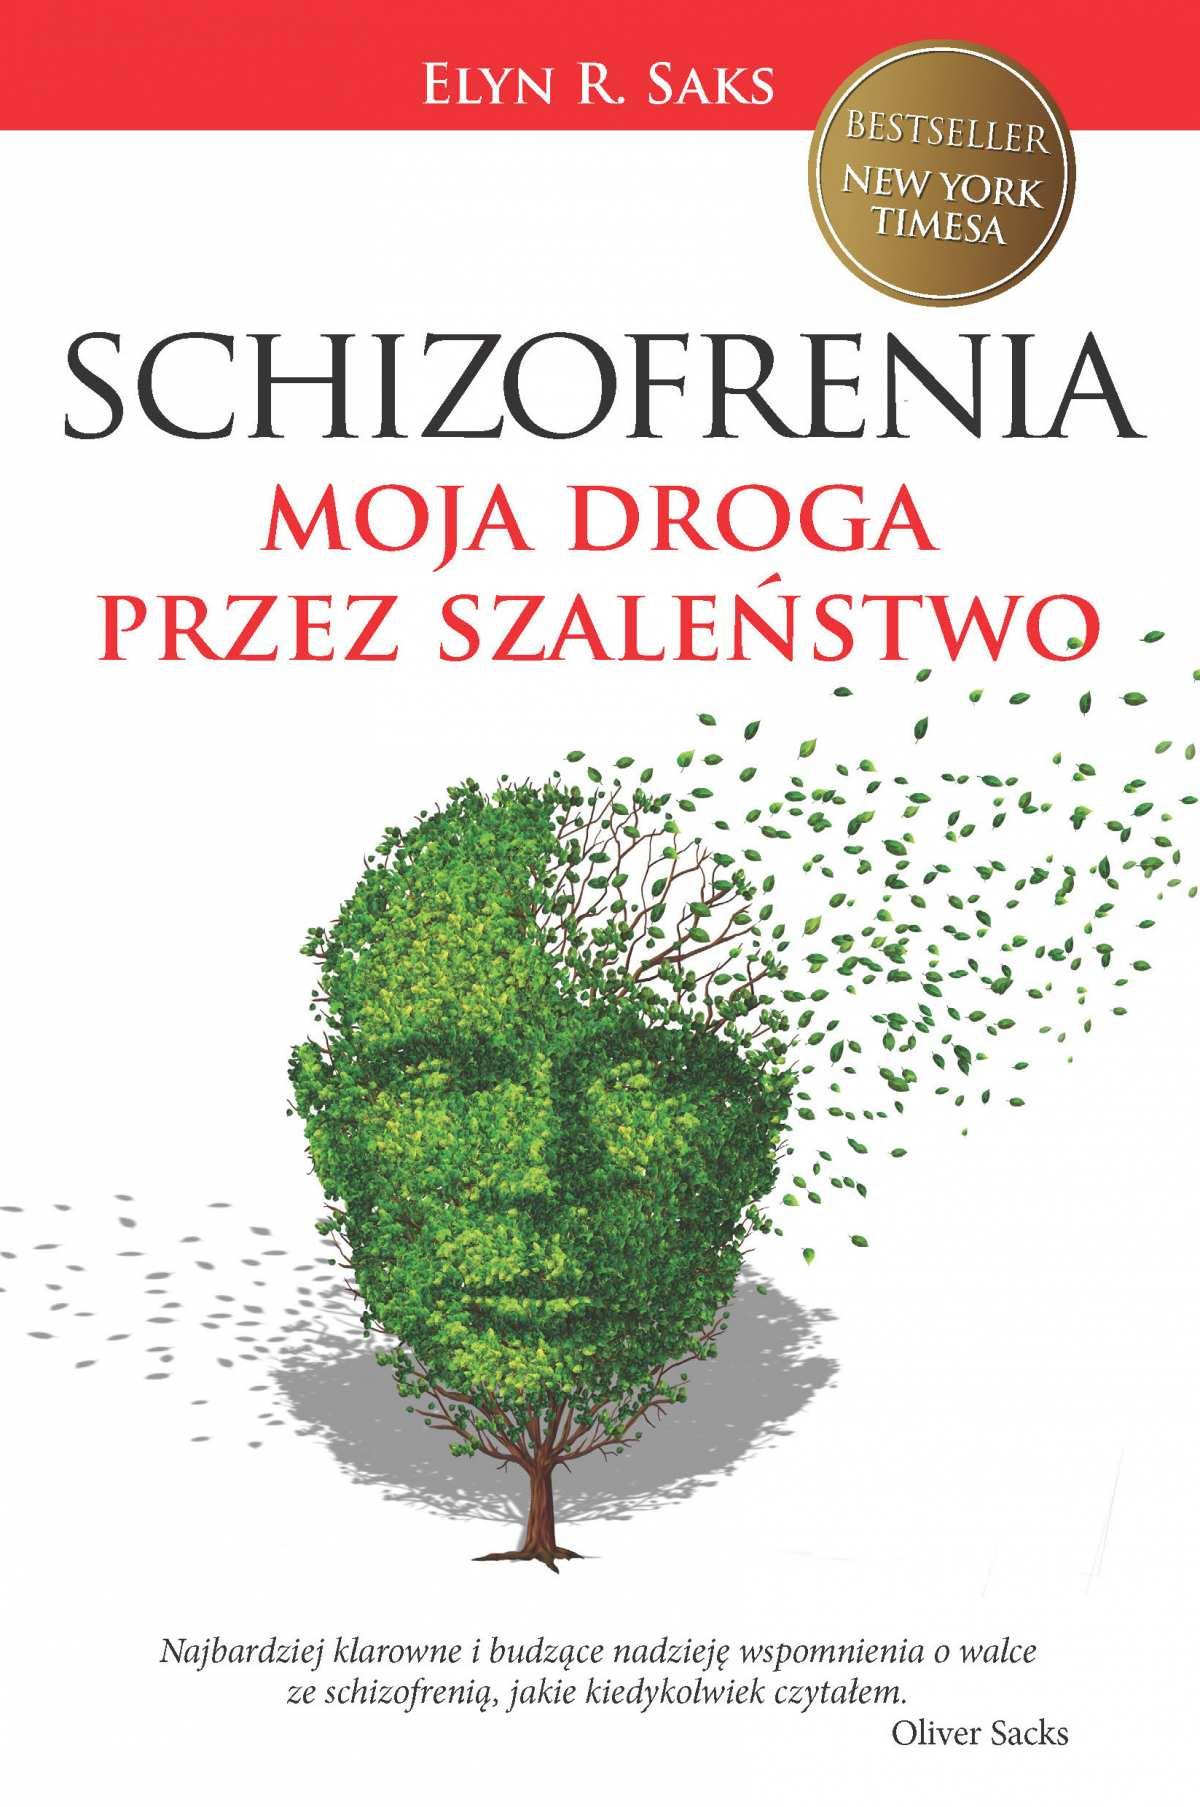 Schizofrenia. Moja droga przez szaleństwo - Ebook (Książka na Kindle) do pobrania w formacie MOBI